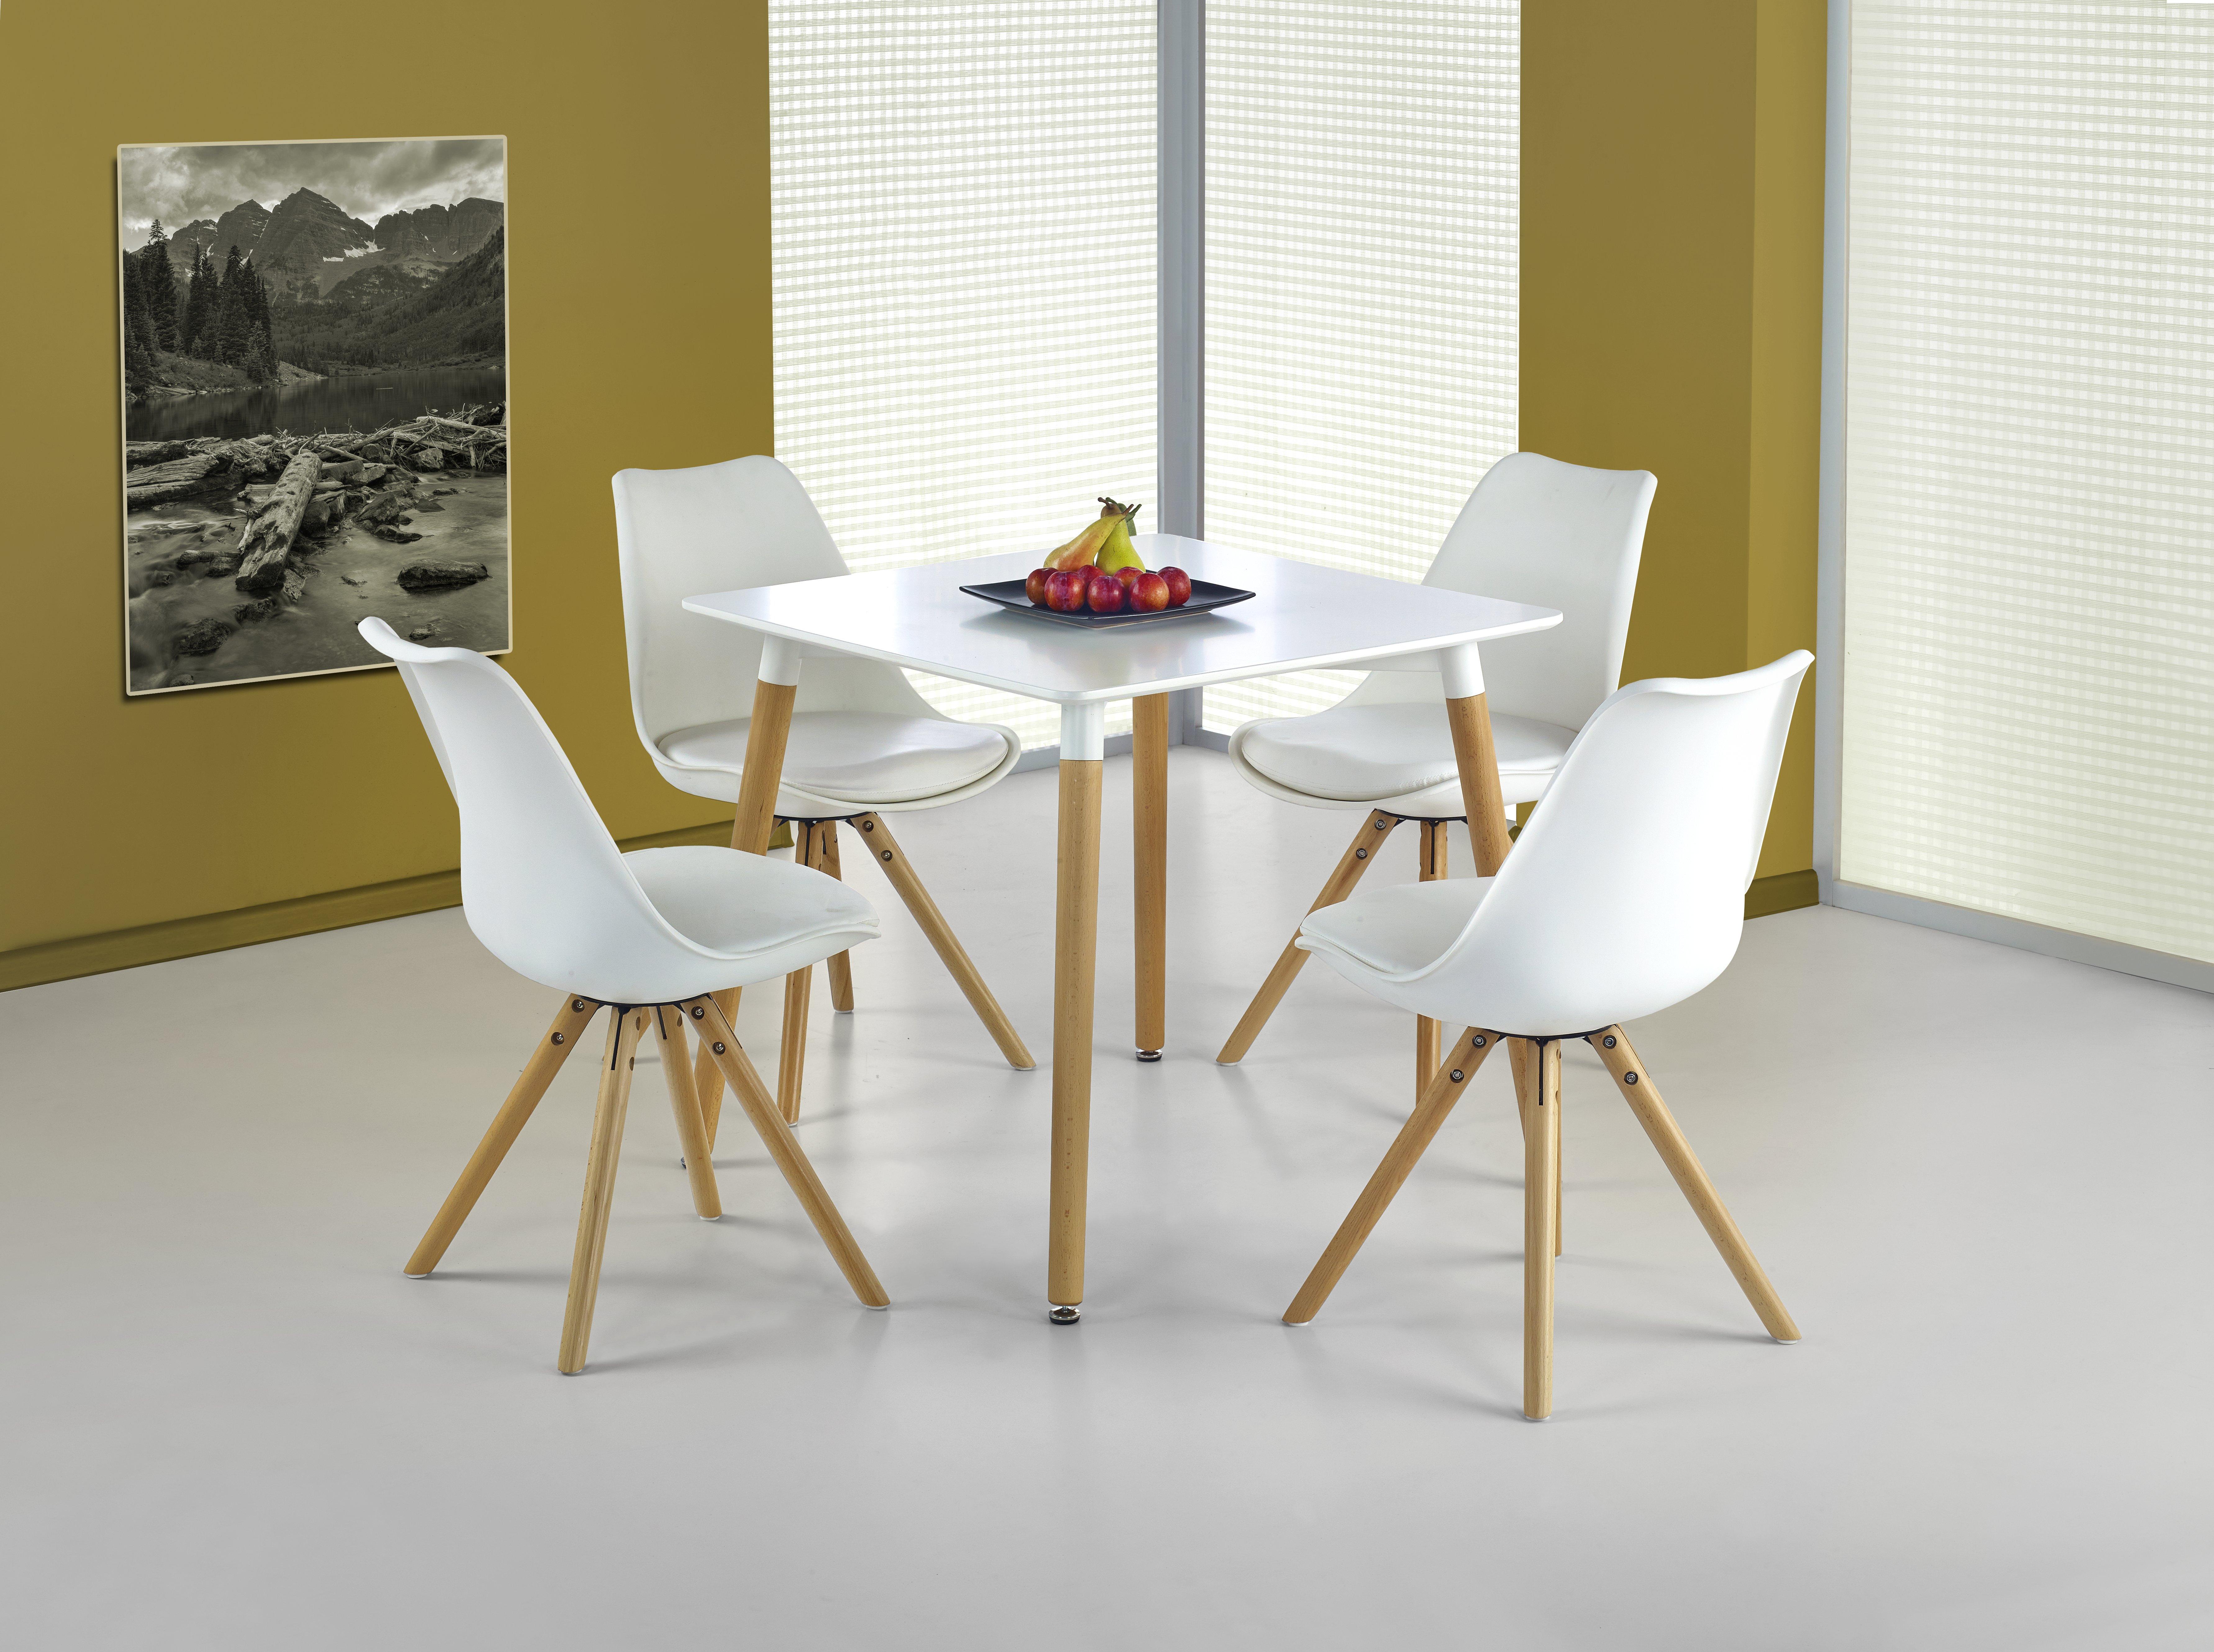 Jedálenský stôl - Halmar - Socrates kwadrat (pre 4 osoby). Sme autorizovaný predajca Halmar. Vlastná spoľahlivá doprava až k Vám domov.